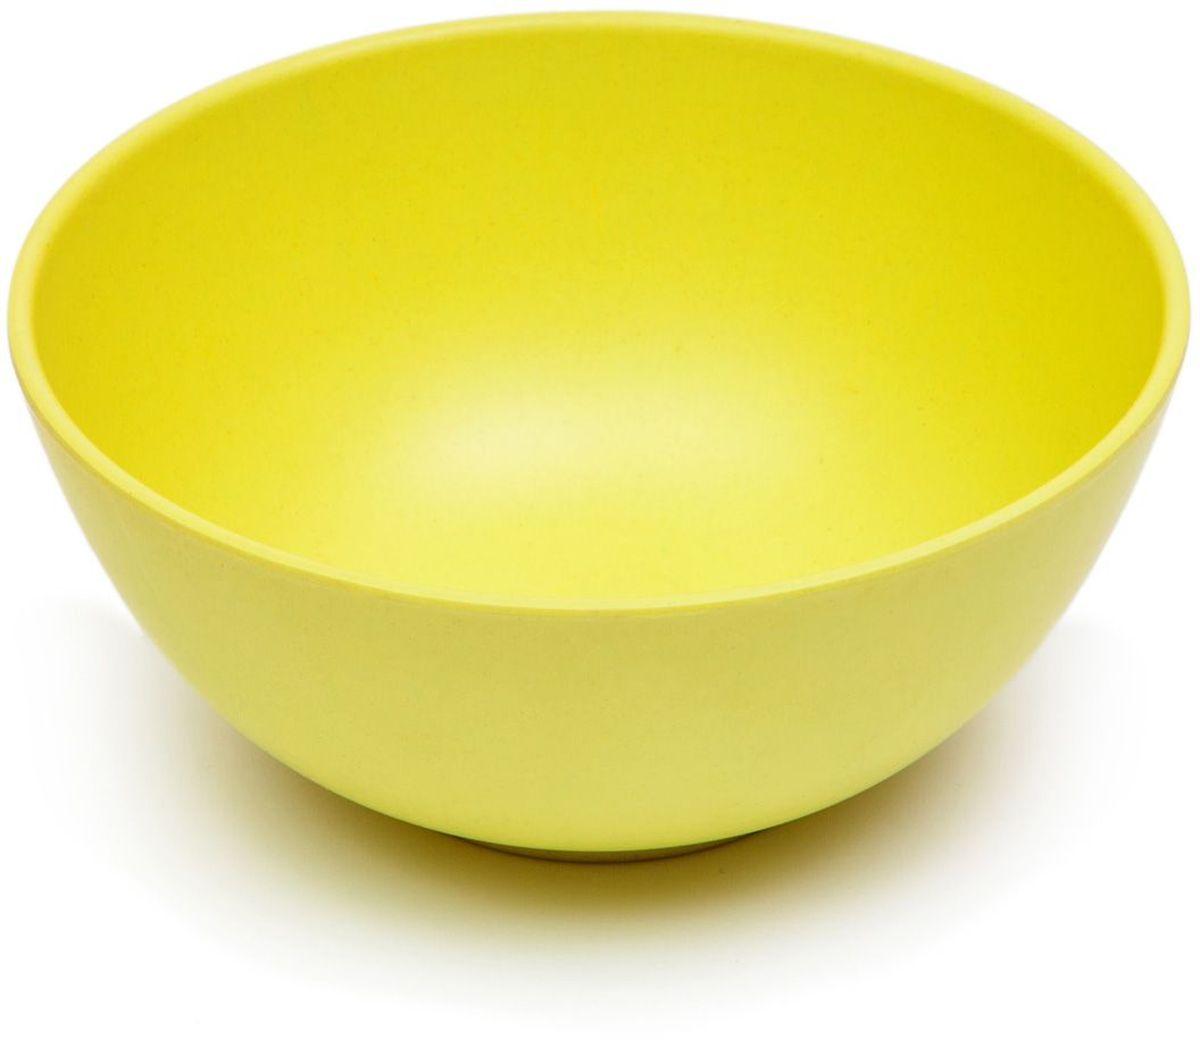 Миска MoulinVilla, цвет: зеленый, диаметр 14,7 смTSF-12-GПосуда из инновационного материала компании Moulinvilla. Продукт сделан из экологически чистой бамбуковой фибры. Посуда обладает естественными, антибактериальными свойствами. Диапазон температур: от -20 до +120 С. Можно мыть в посудомоечной машине в щадящ